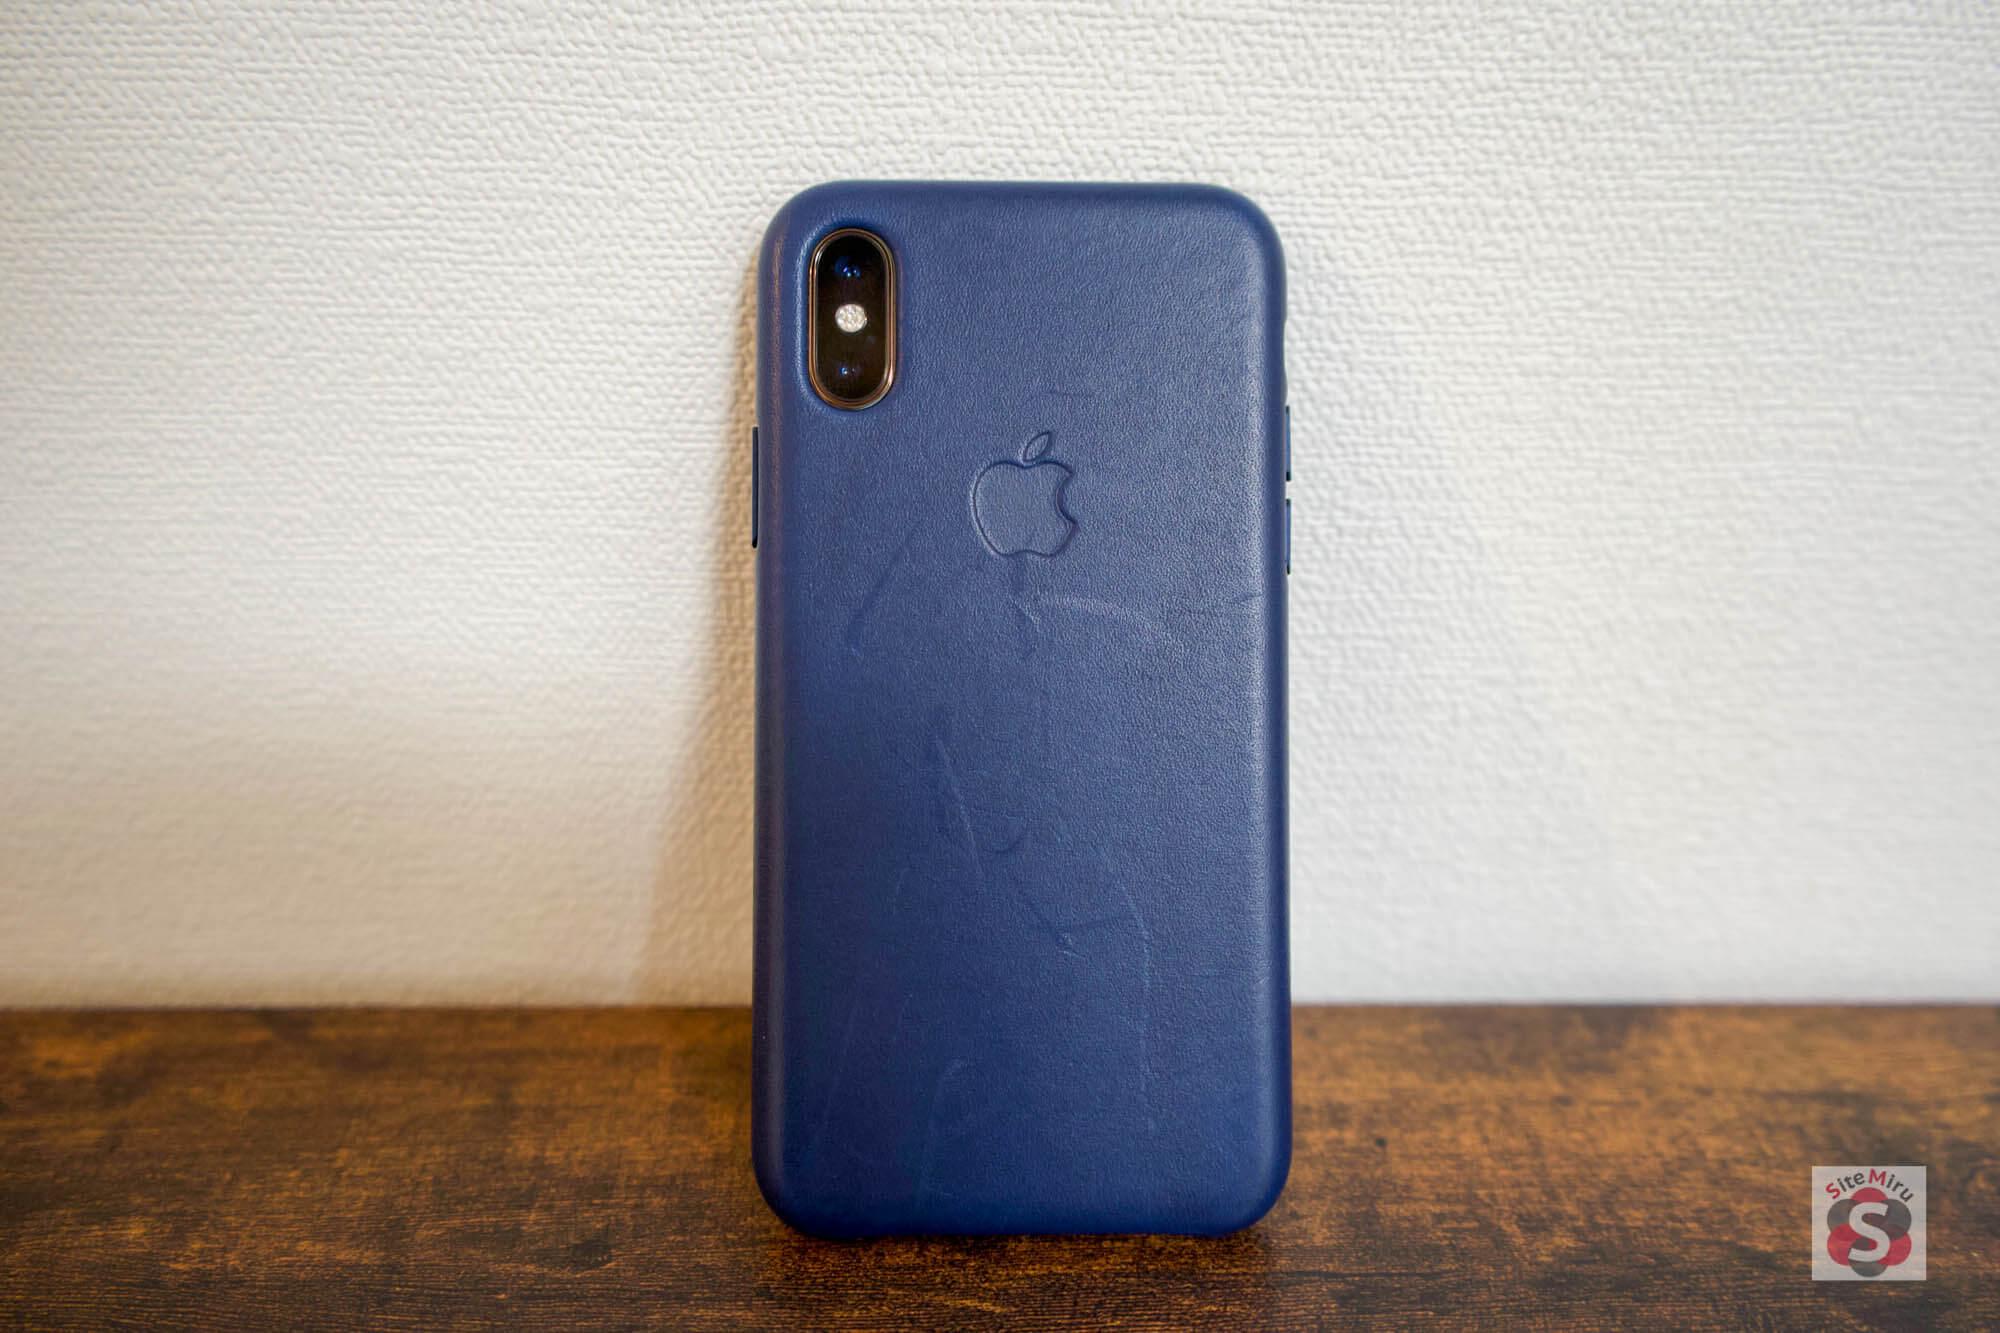 『iPhone XS』と『純正レザーケース』裏面